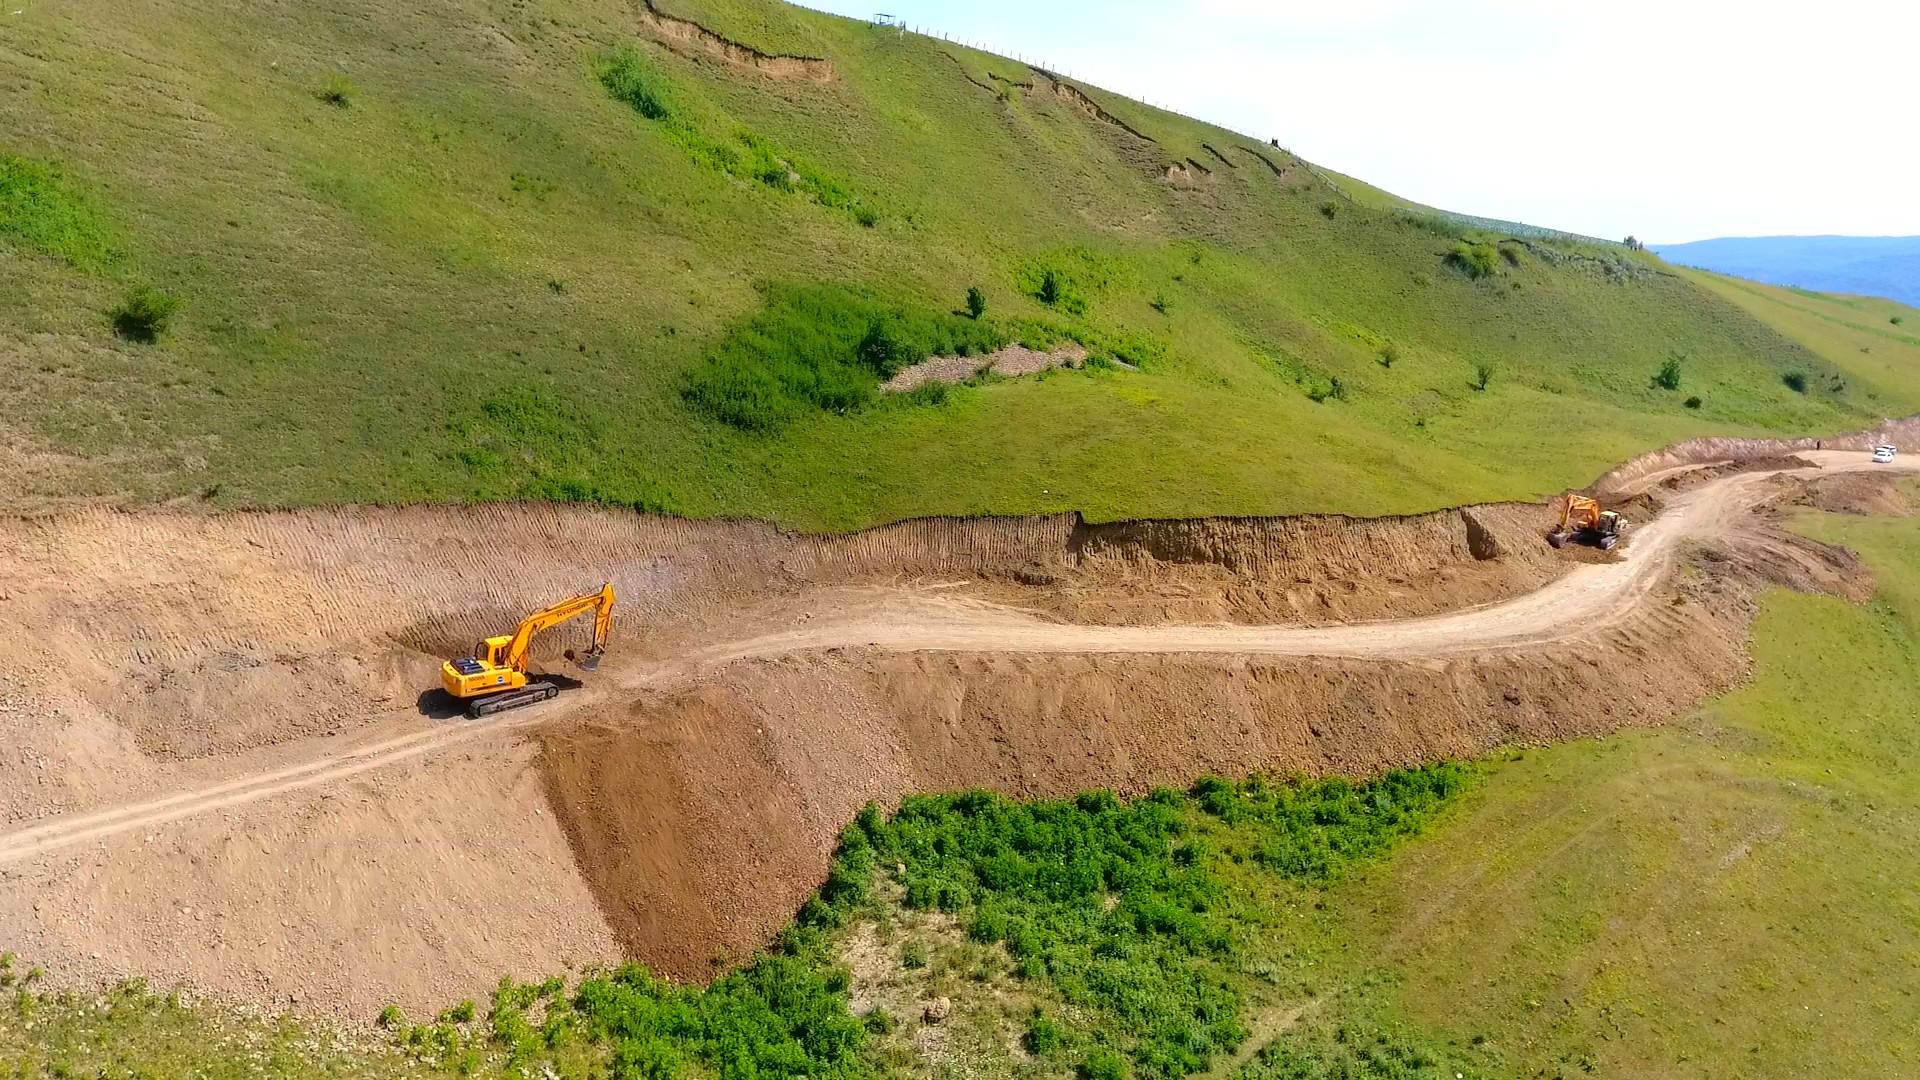 Qusarda 14 yaşayış məntəqəsinin əhatə edən yolun yenidən qurulması davam edir